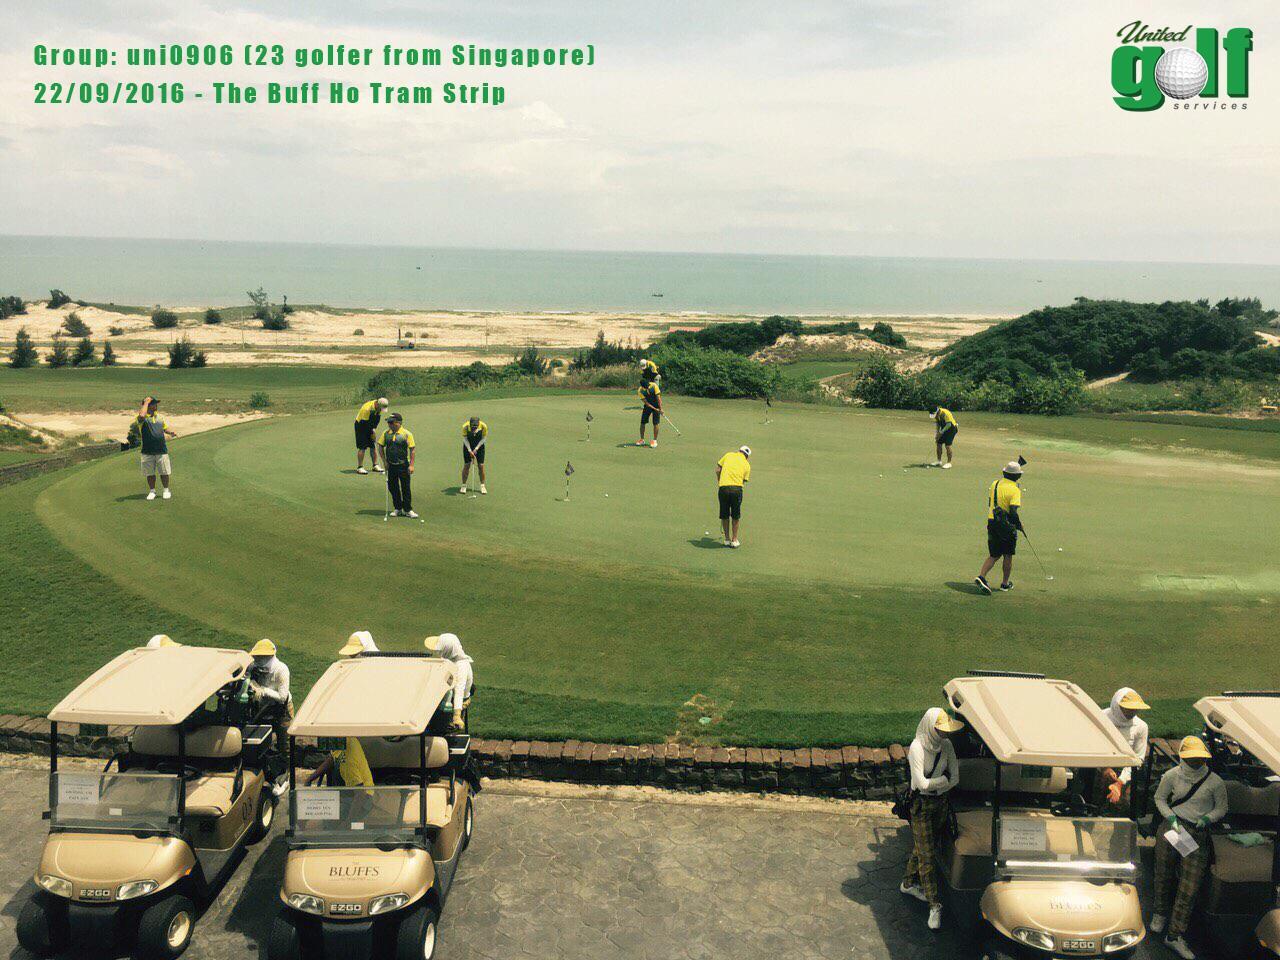 Ho tram golf